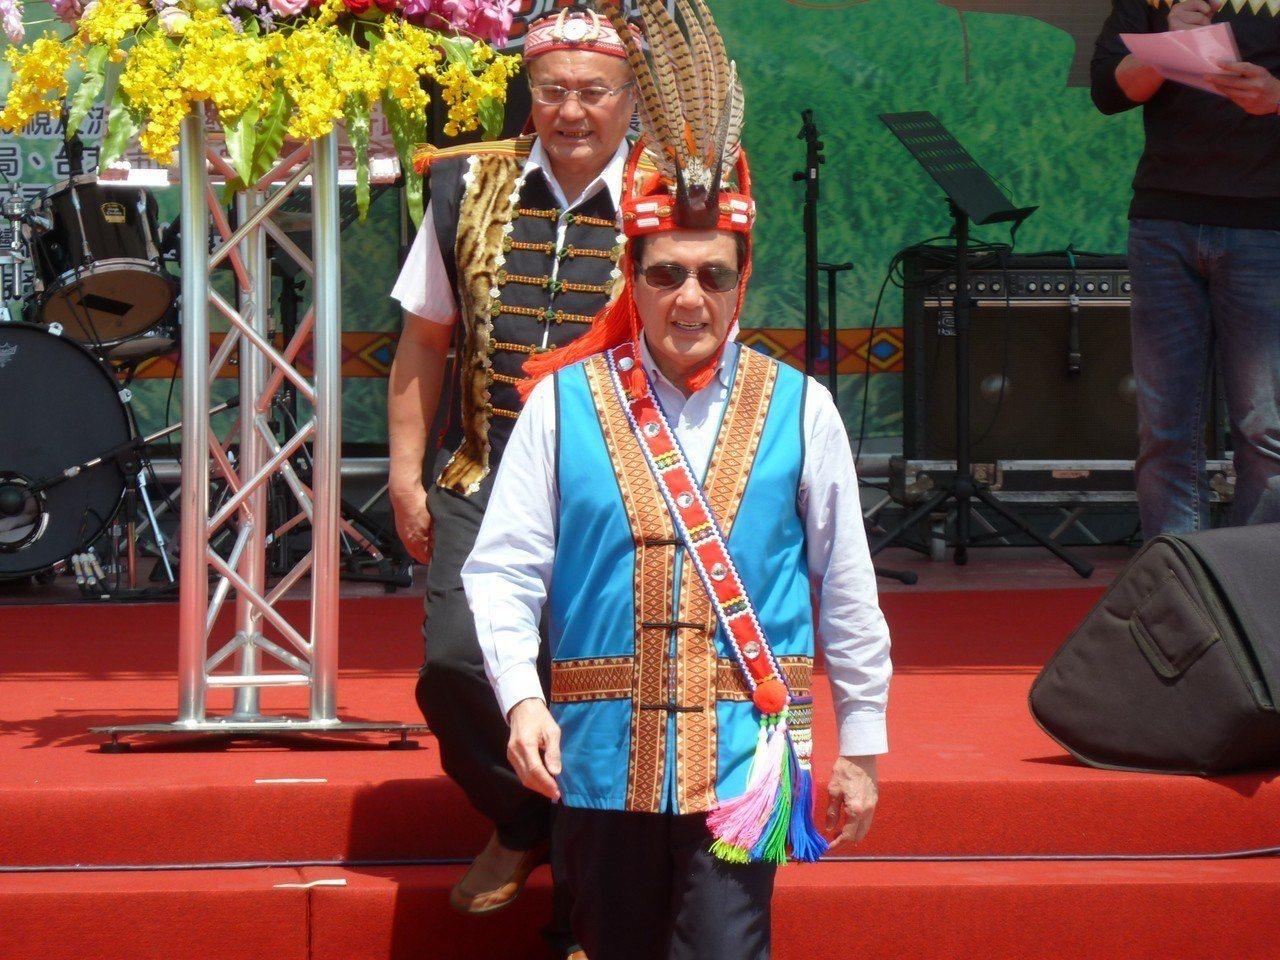 前總統馬英九今天出席全國原住民農特產推廣活動,表示原住民族天賦條件不輸任何族群,...